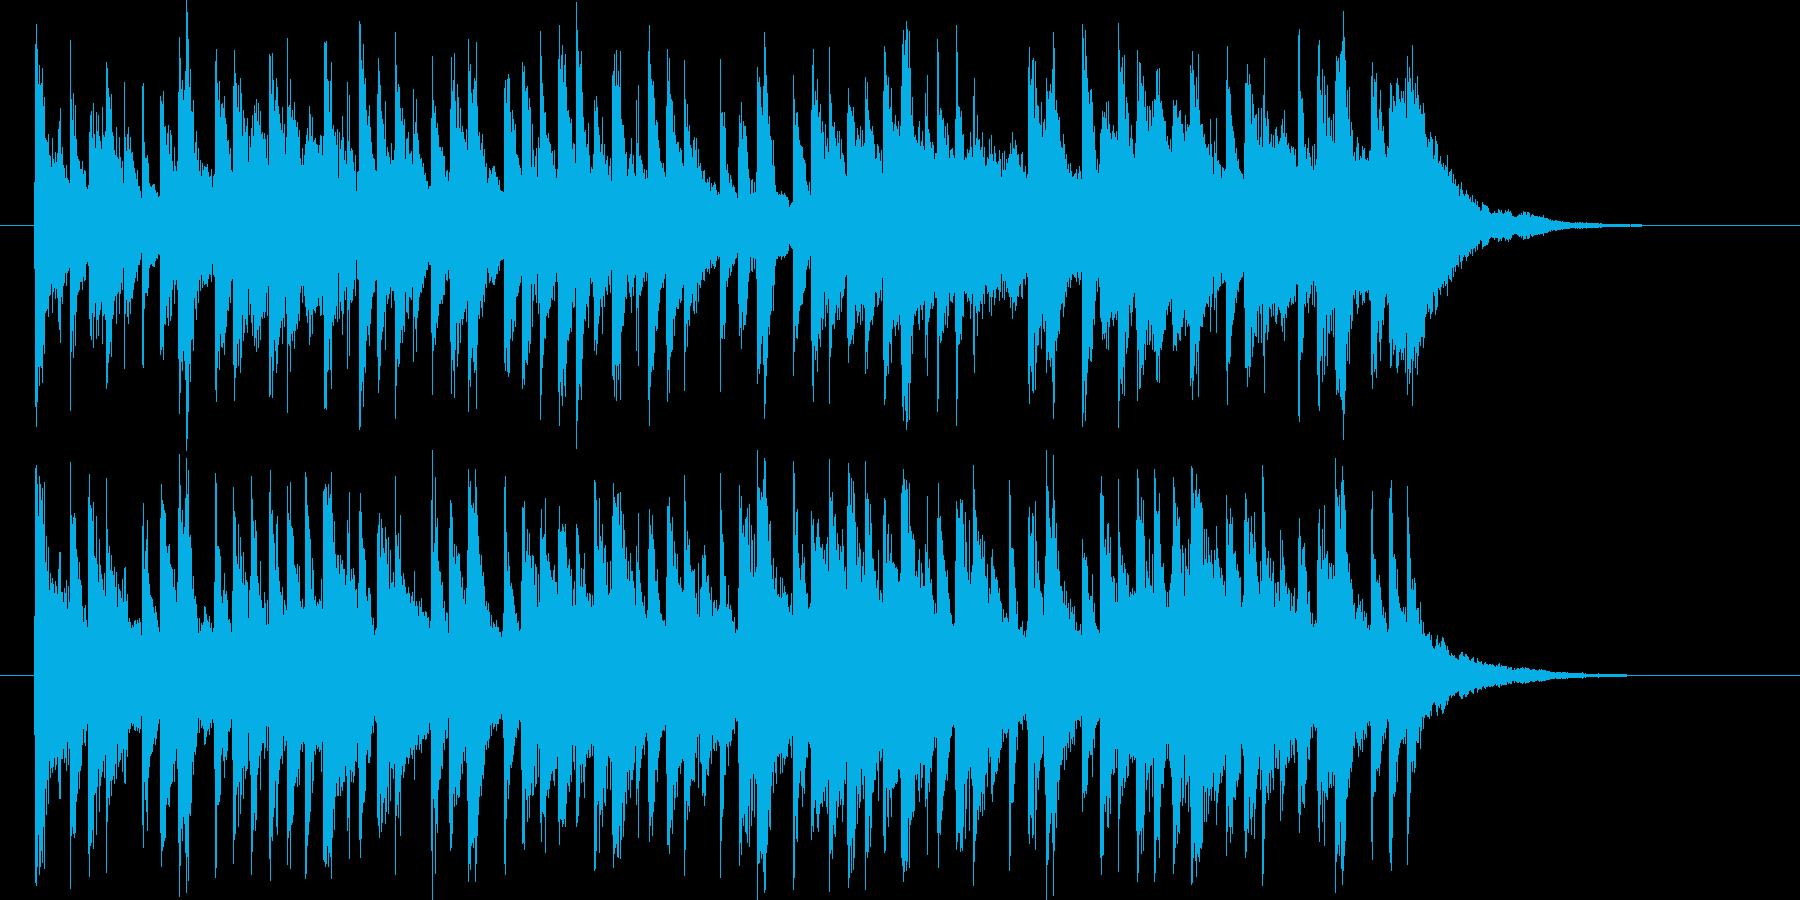 透明感のある鉄琴が印象的なBGMの再生済みの波形